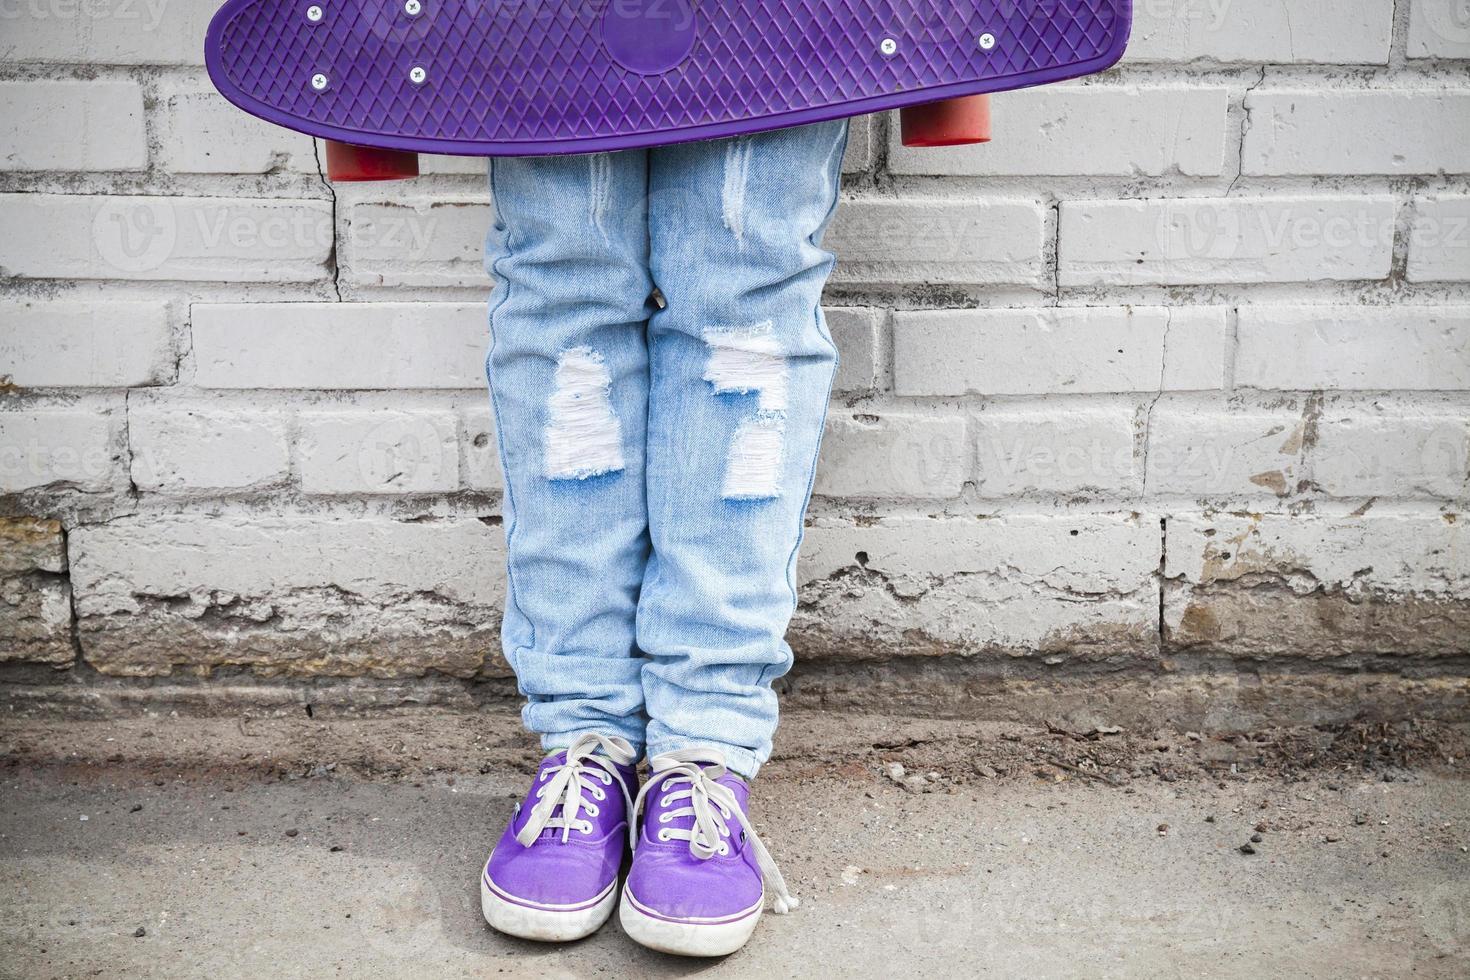 pés de adolescente em jeans azul com skate foto